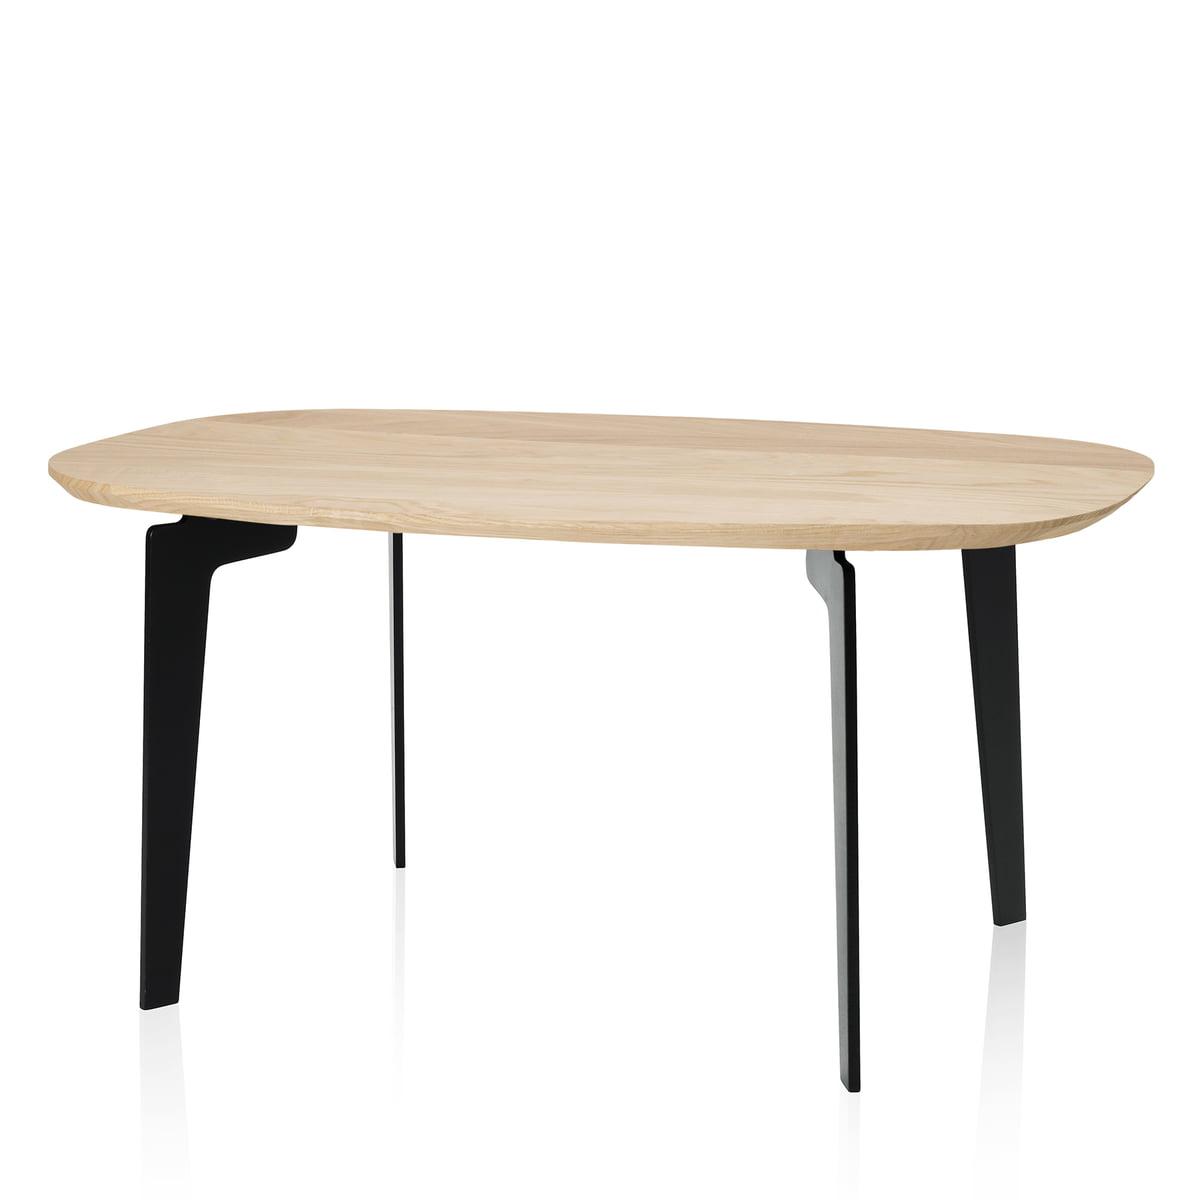 fritz hansen join fh 21 couchtisch eiche natur eiche natur t 47 h 37 b 76 online kaufen bei. Black Bedroom Furniture Sets. Home Design Ideas